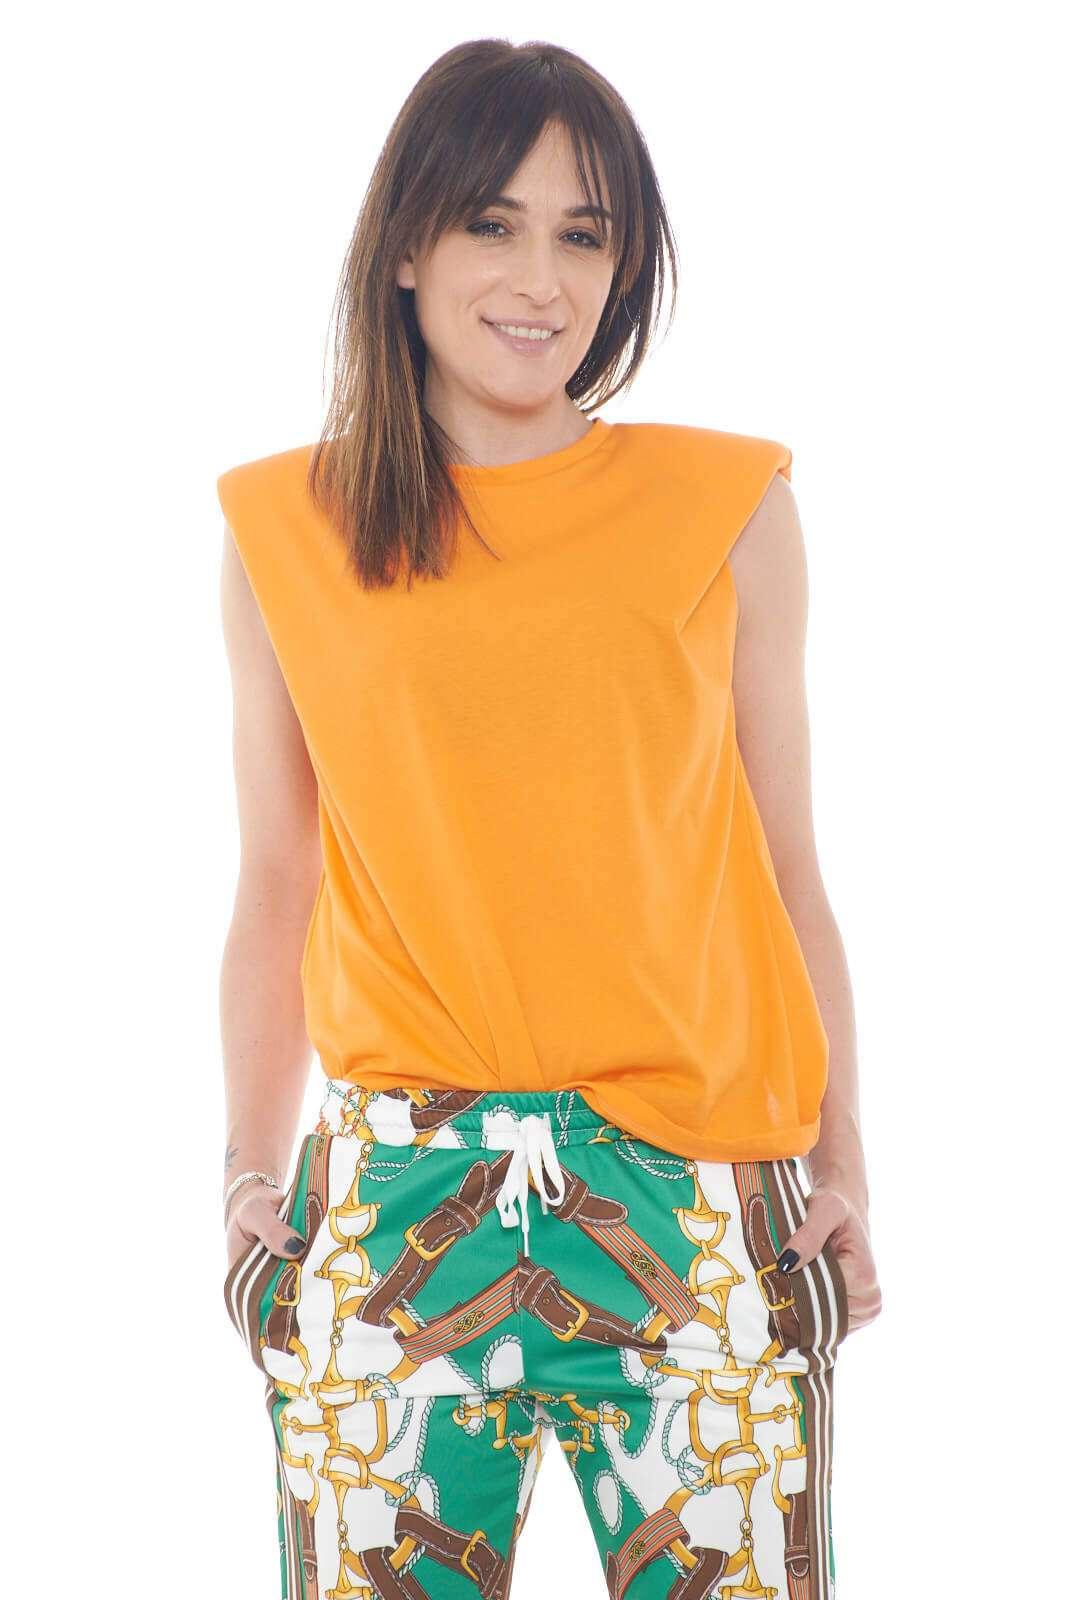 Un top colorato e semplice, quello proposto da Imperial, per la tua Primavera Estate. Facile da abbinare con jeans o pantaloni, per outfit estivi vivaci e trendy.